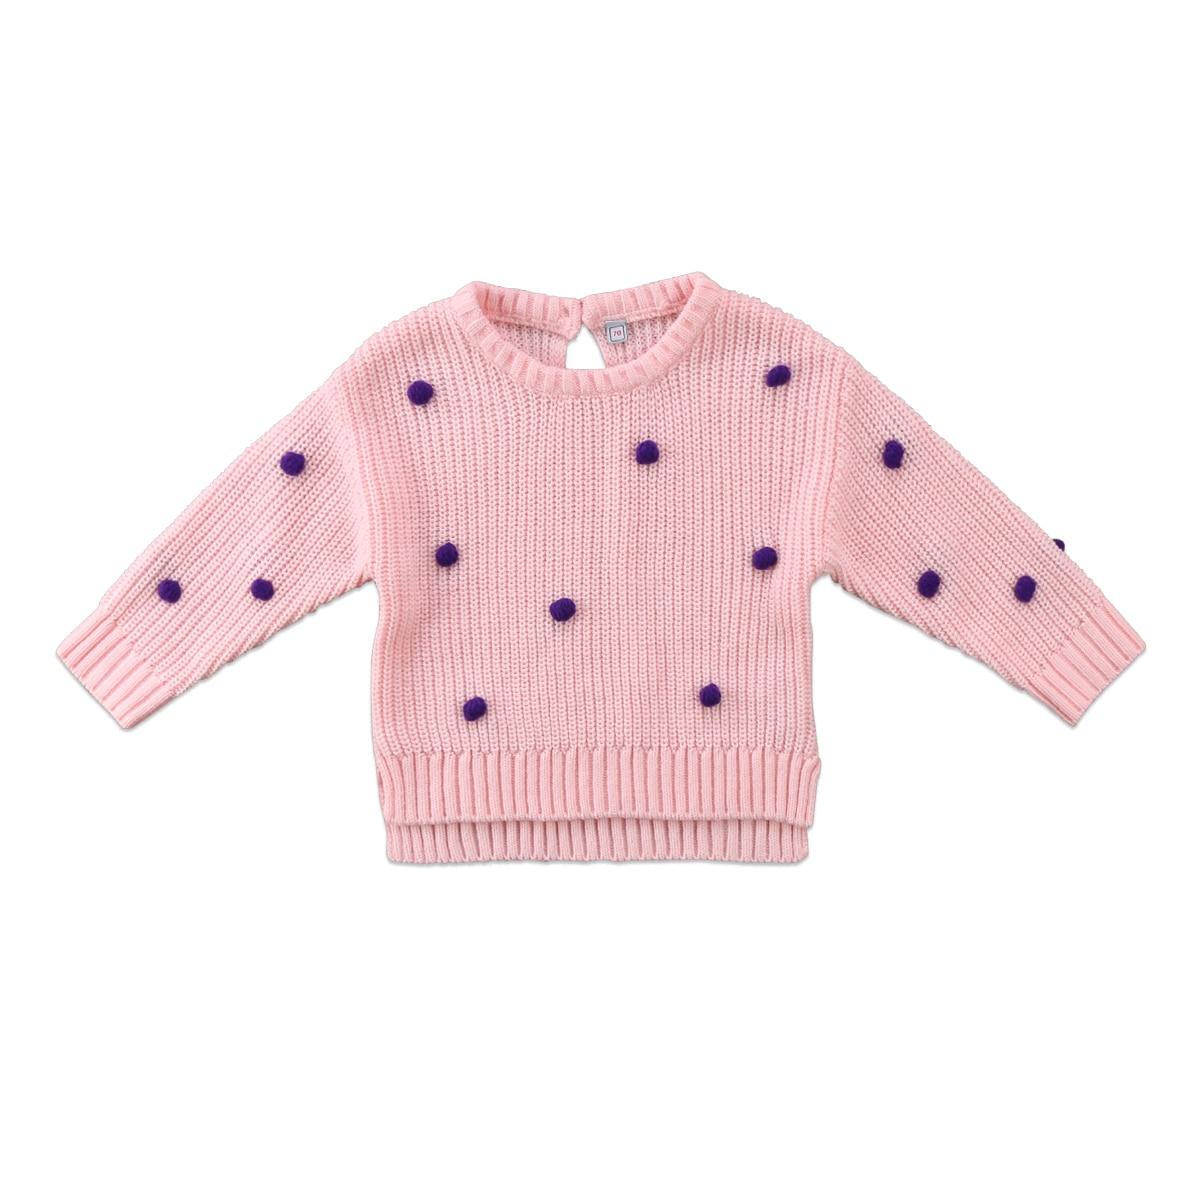 Gewissenhaft Winter Baby Pullover Tupfen Gepatcht Newborn Kinder Mädchen Baby Gestrickte Pullover Winter Pullover Häkeln Tops Kleidung Exquisite (In) Verarbeitung